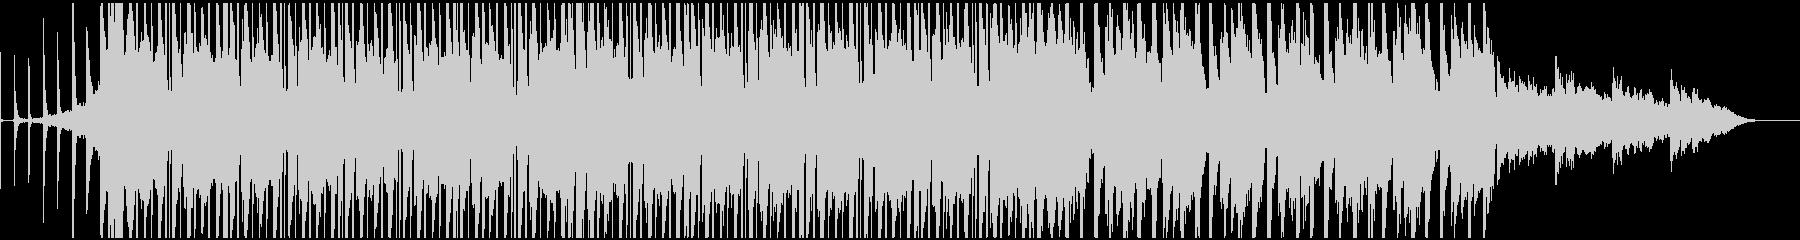 60秒ver ノリの良いポップなテクノの未再生の波形